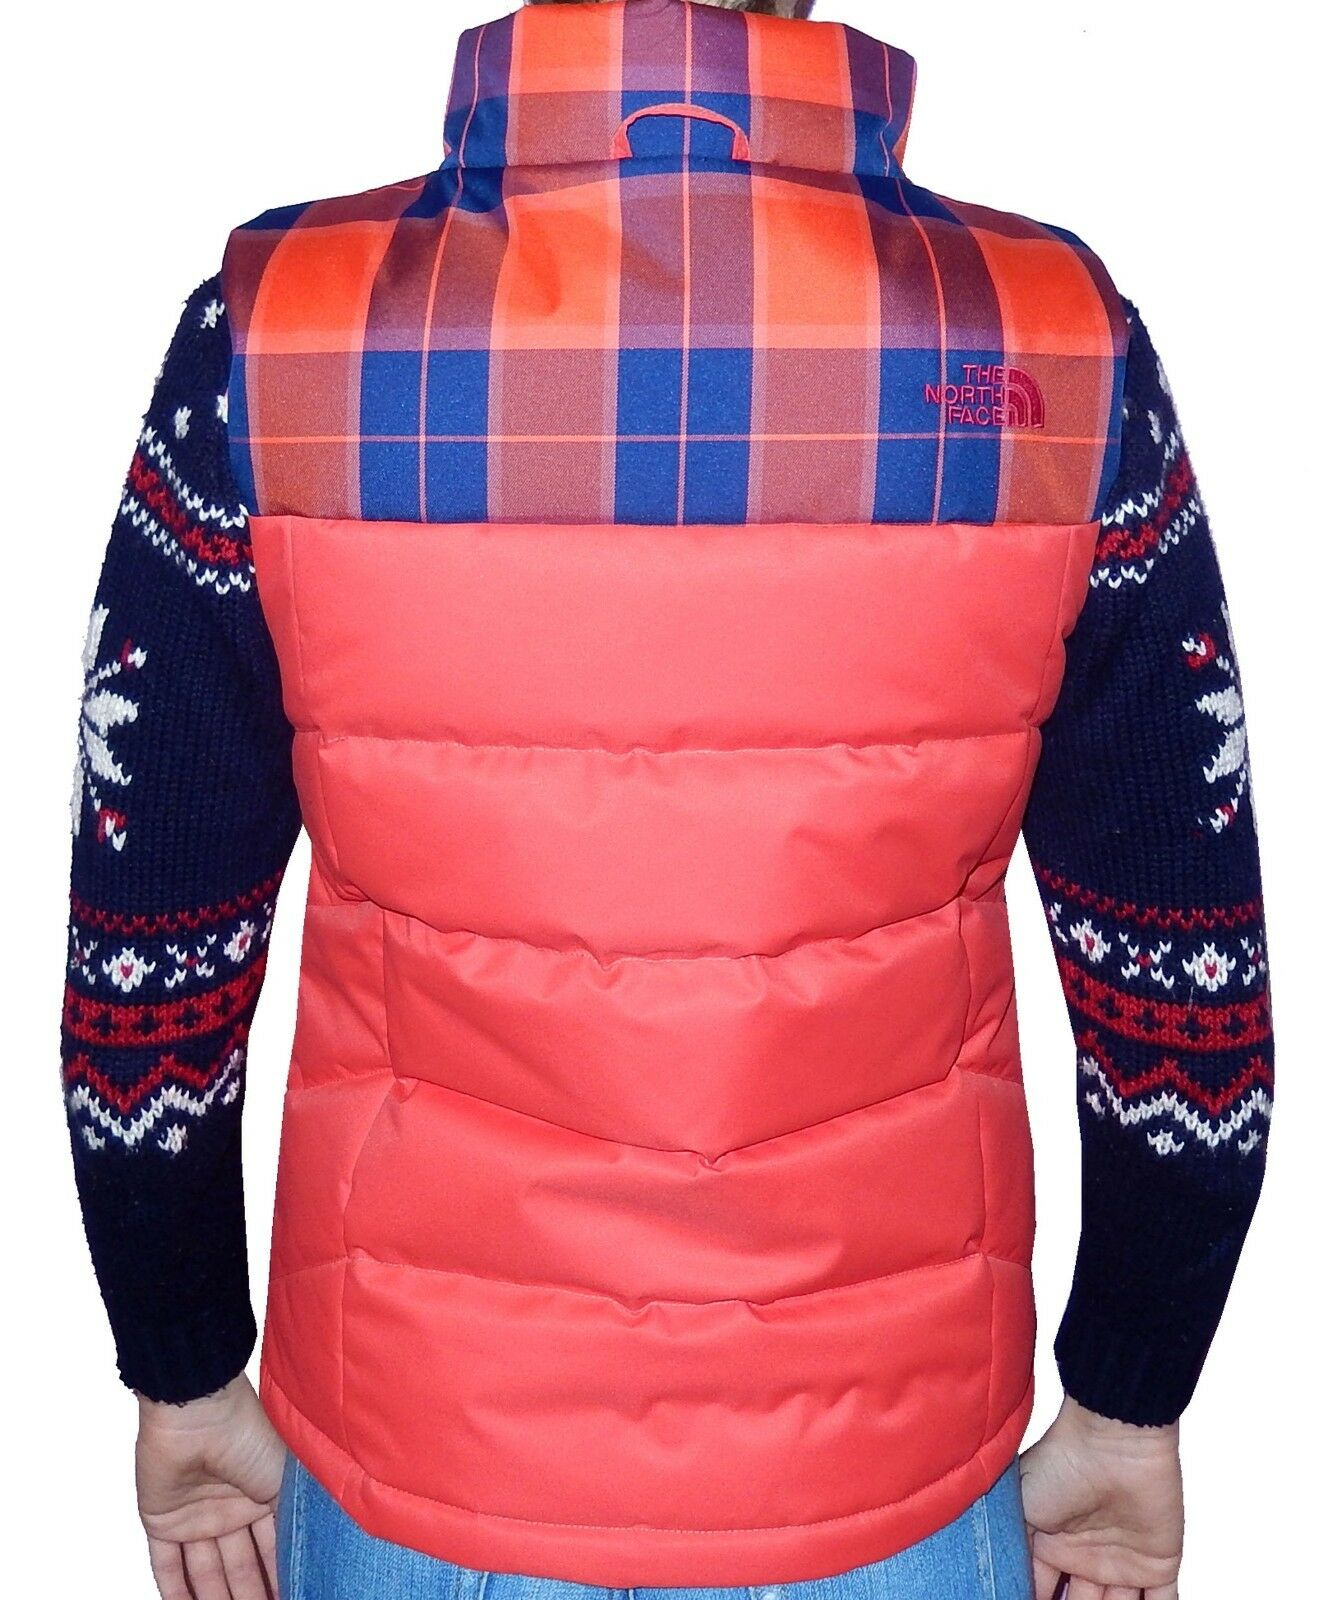 The North Face Women's Sheka RTO Down Vest Full Zip Zip Zip 515d20